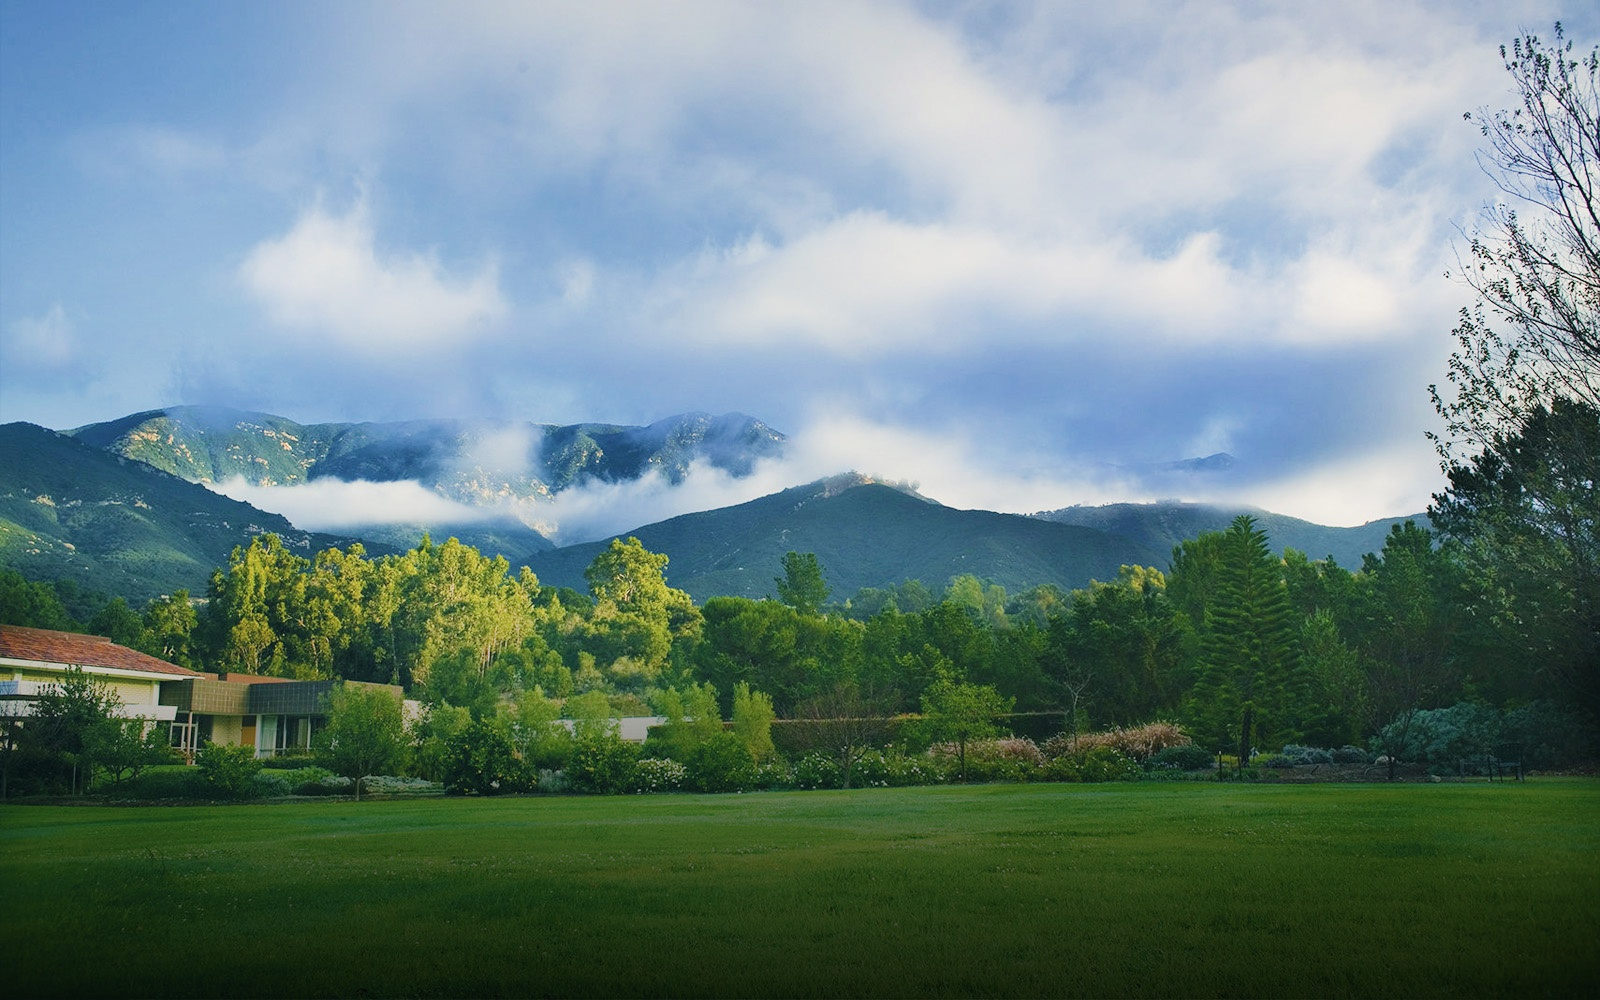 ladera_lane_campus_misty_mountains.jpg